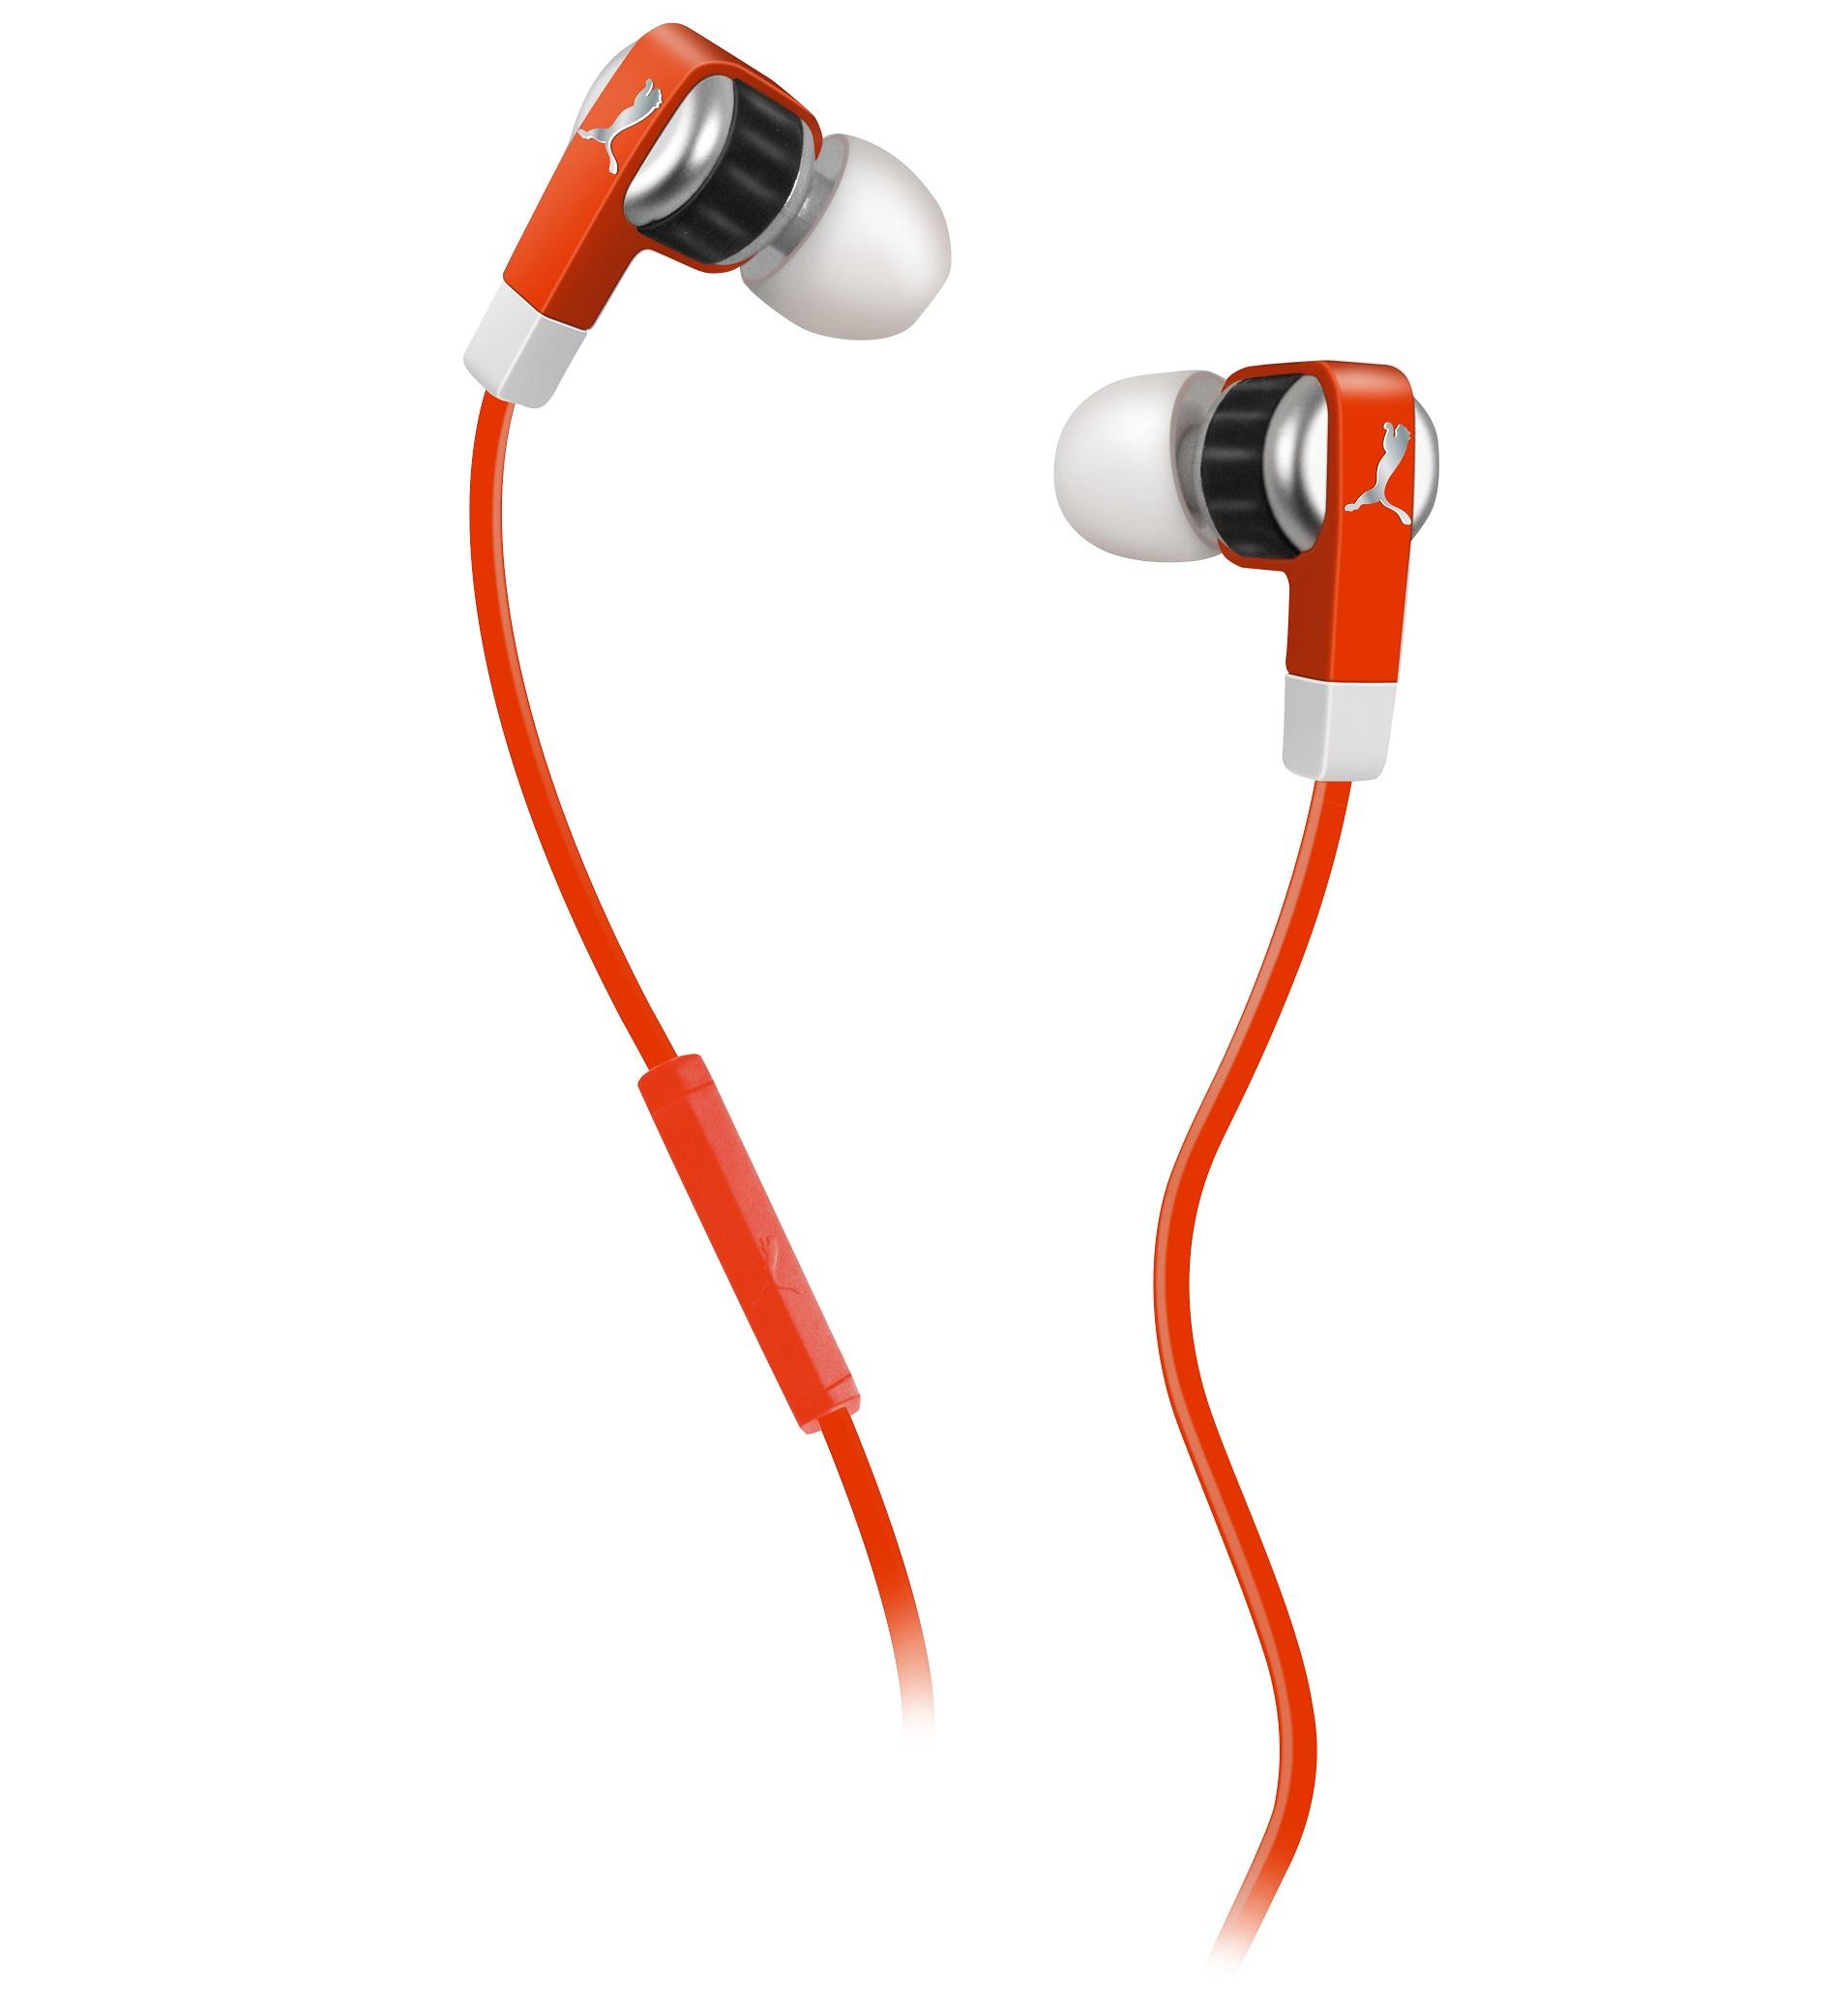 Llegan los nuevos auriculares de Puma - TecnoGaming